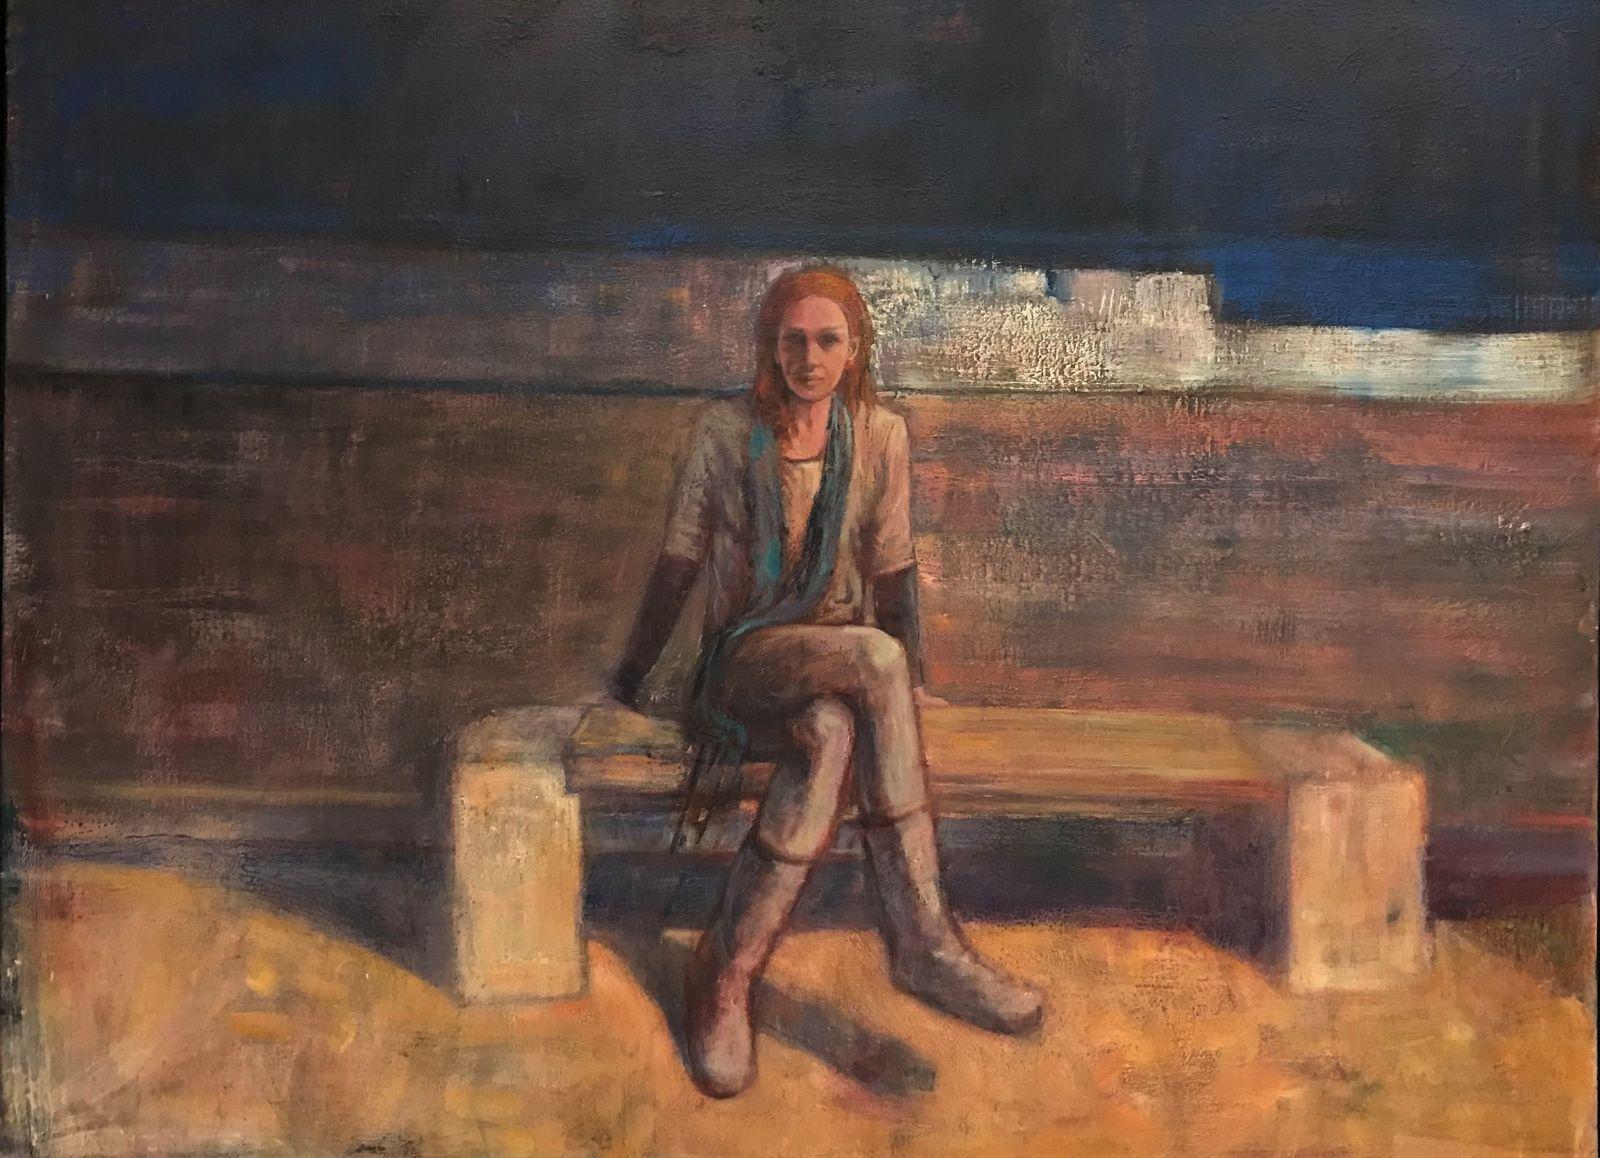 Λεωνίδας Καμπούρογλου 90×120 εκ. Ακρυλικά σε καμβά Leonidas Kambouroglou 90×120 cm Acrylics on canvas